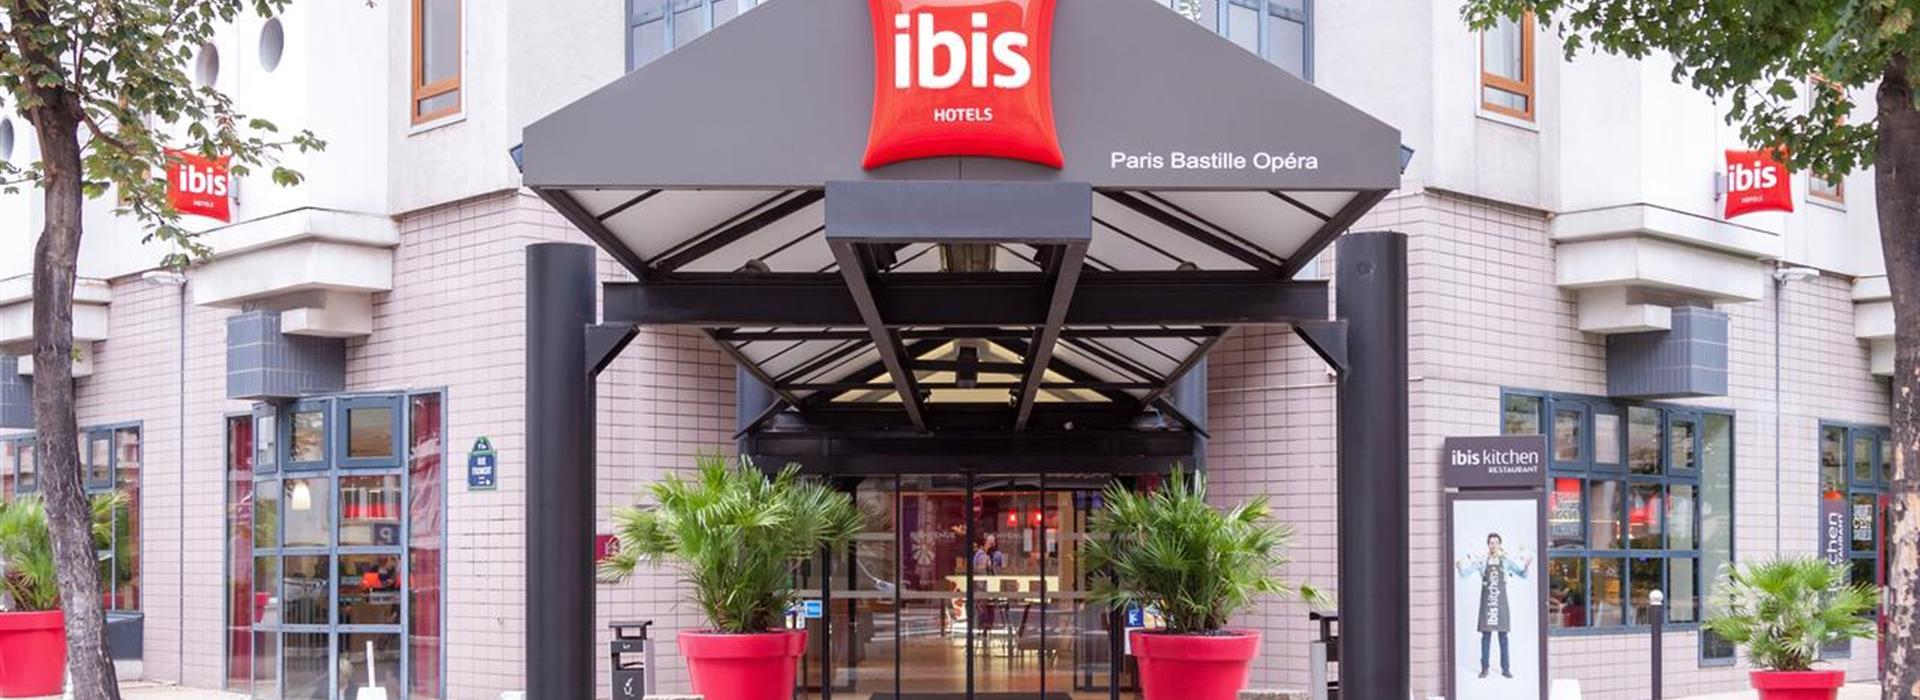 ibis-paris-bastille-οpera